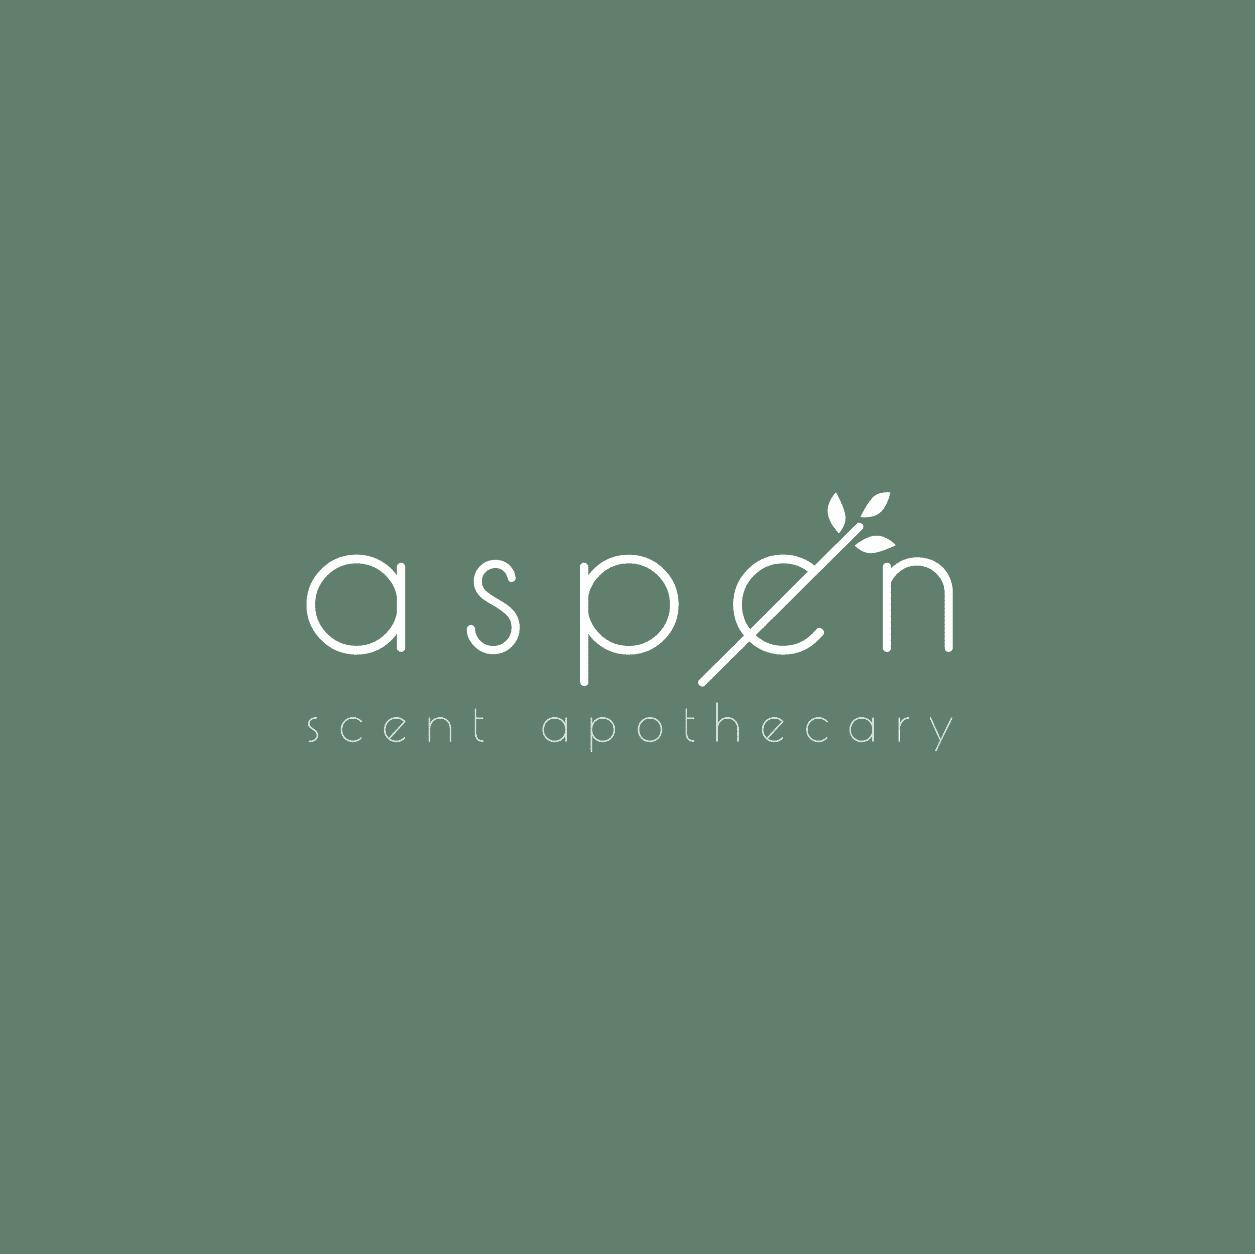 Aspen Apothecary